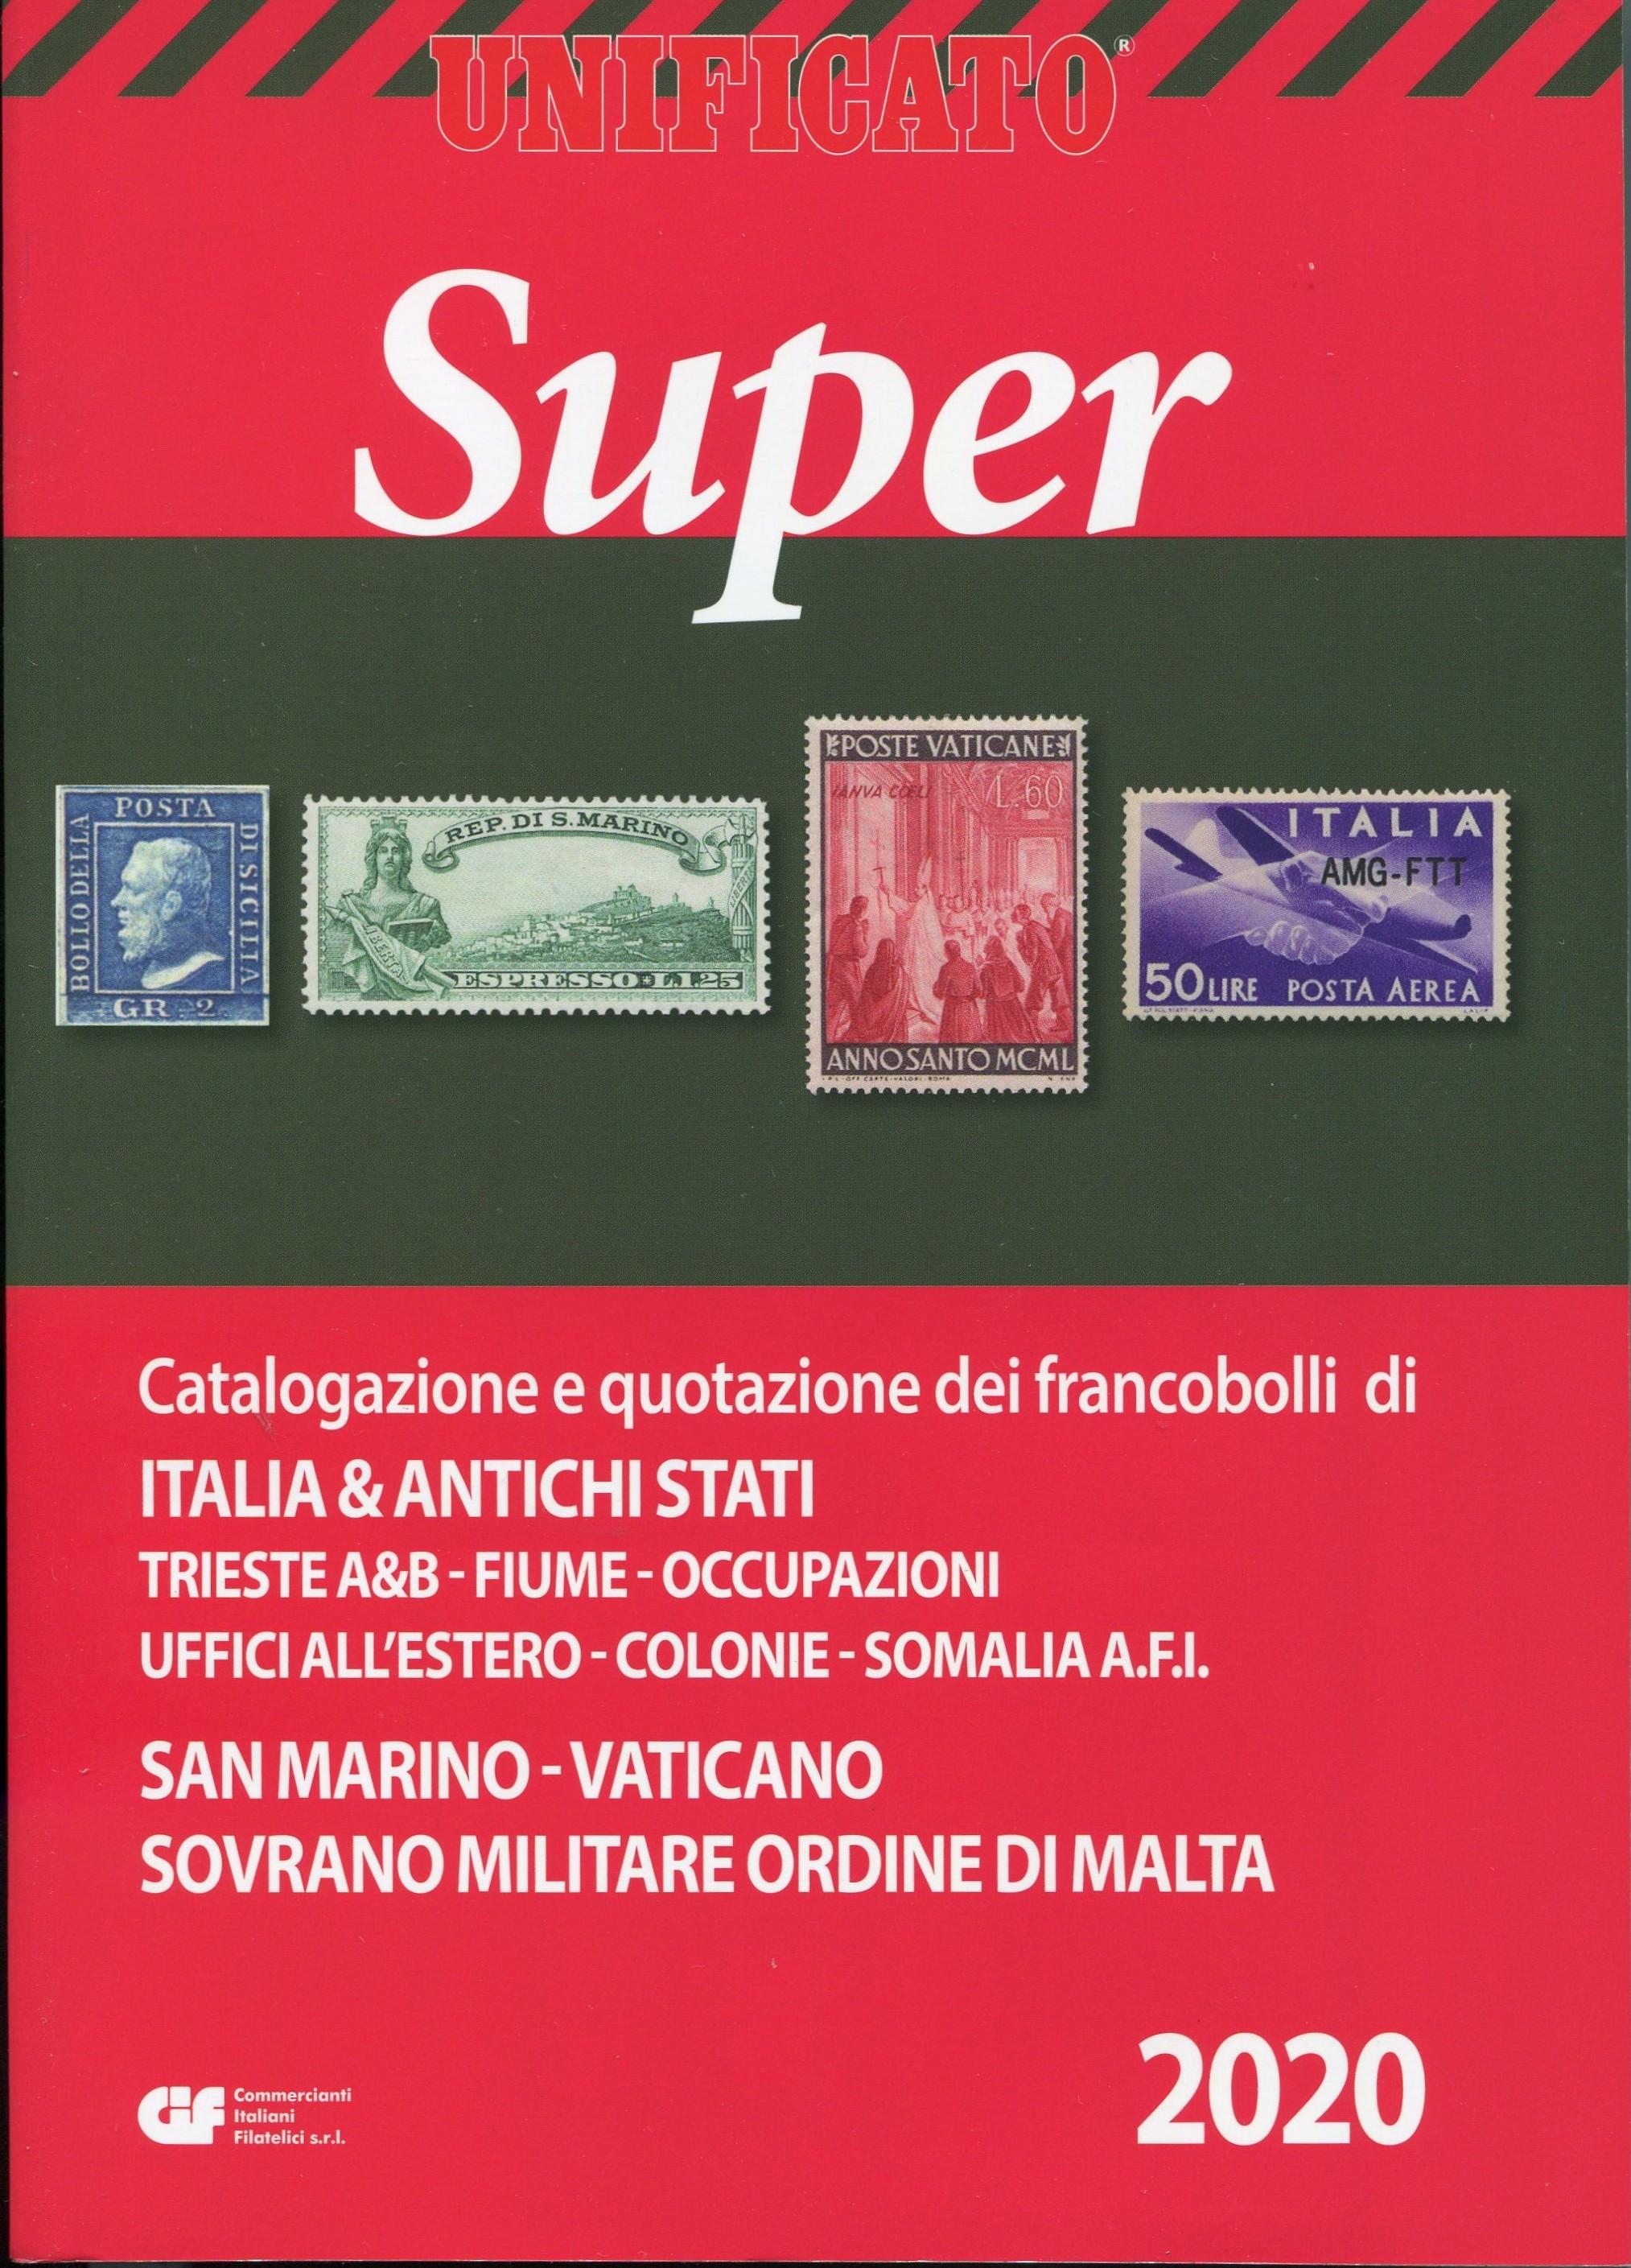 2020 - Catalogo UNIFICATO Super 2020